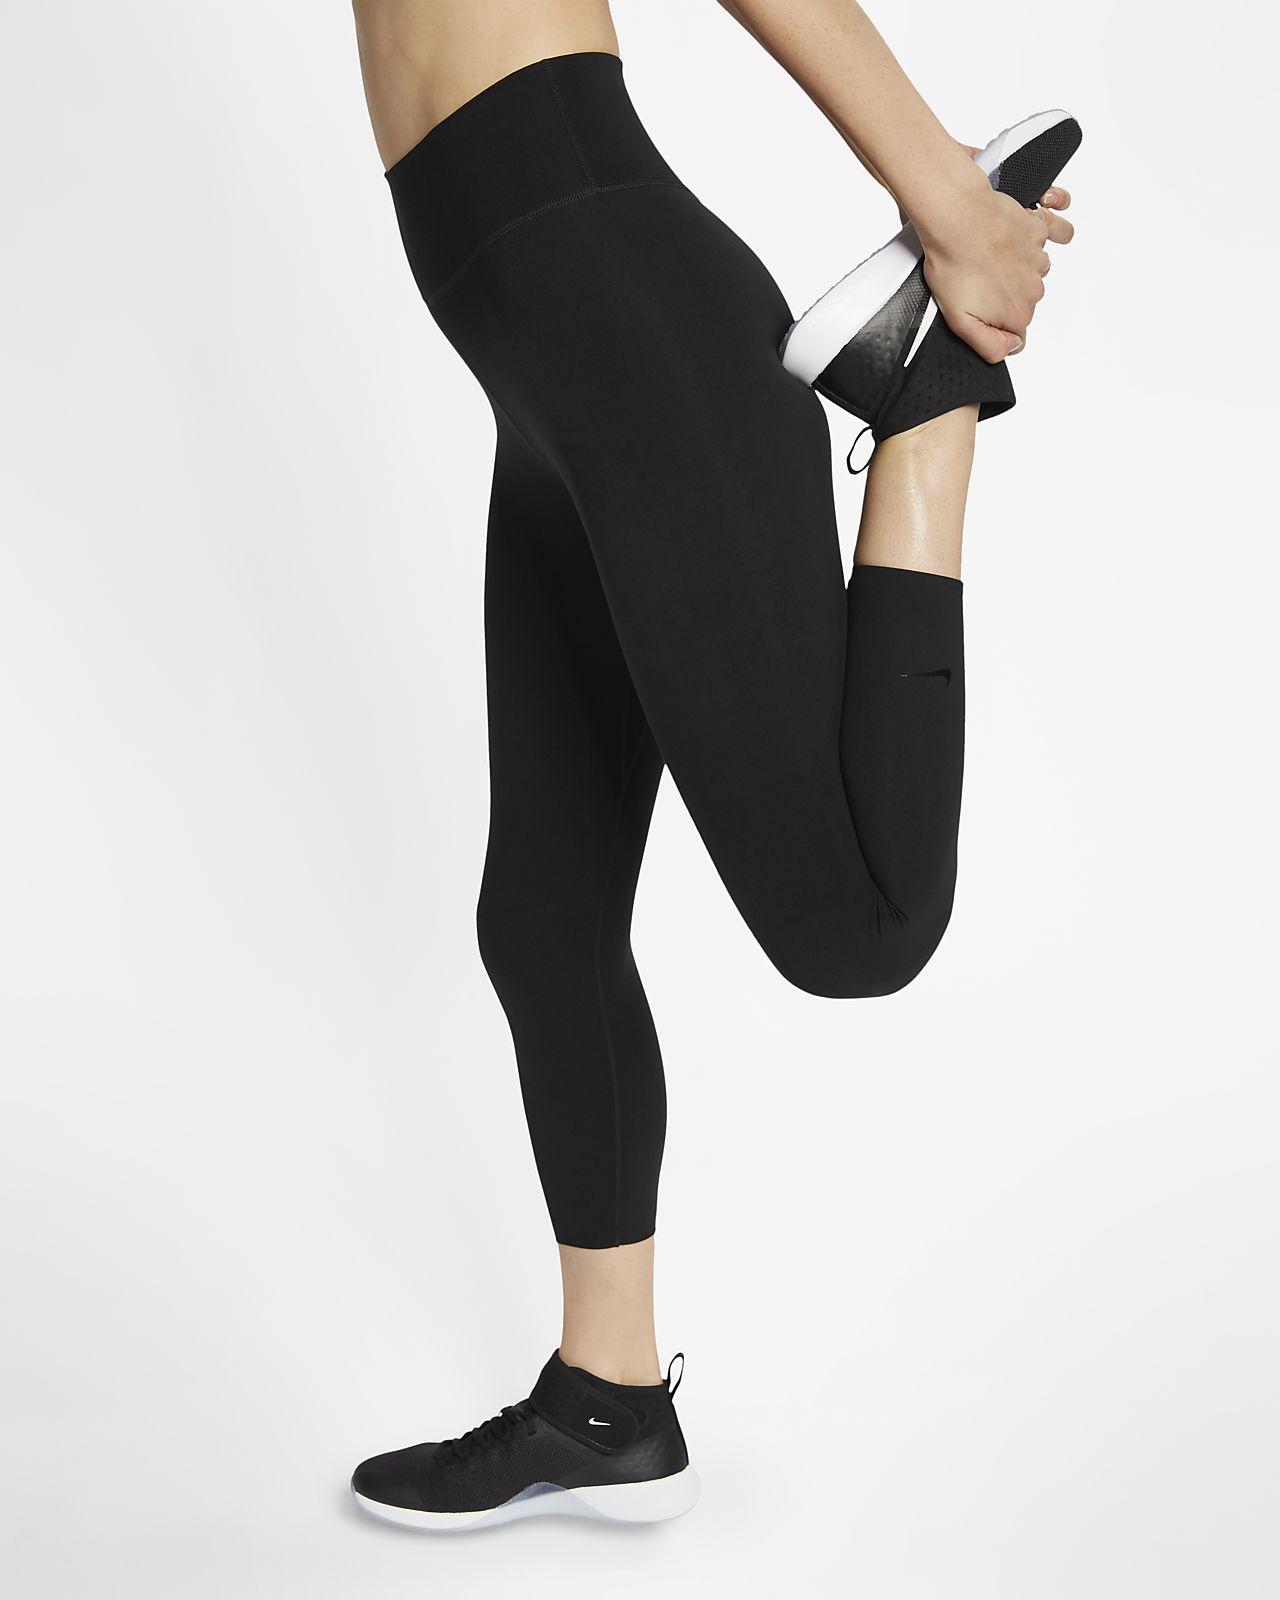 Dámské zkrácené legíny Nike One Luxe